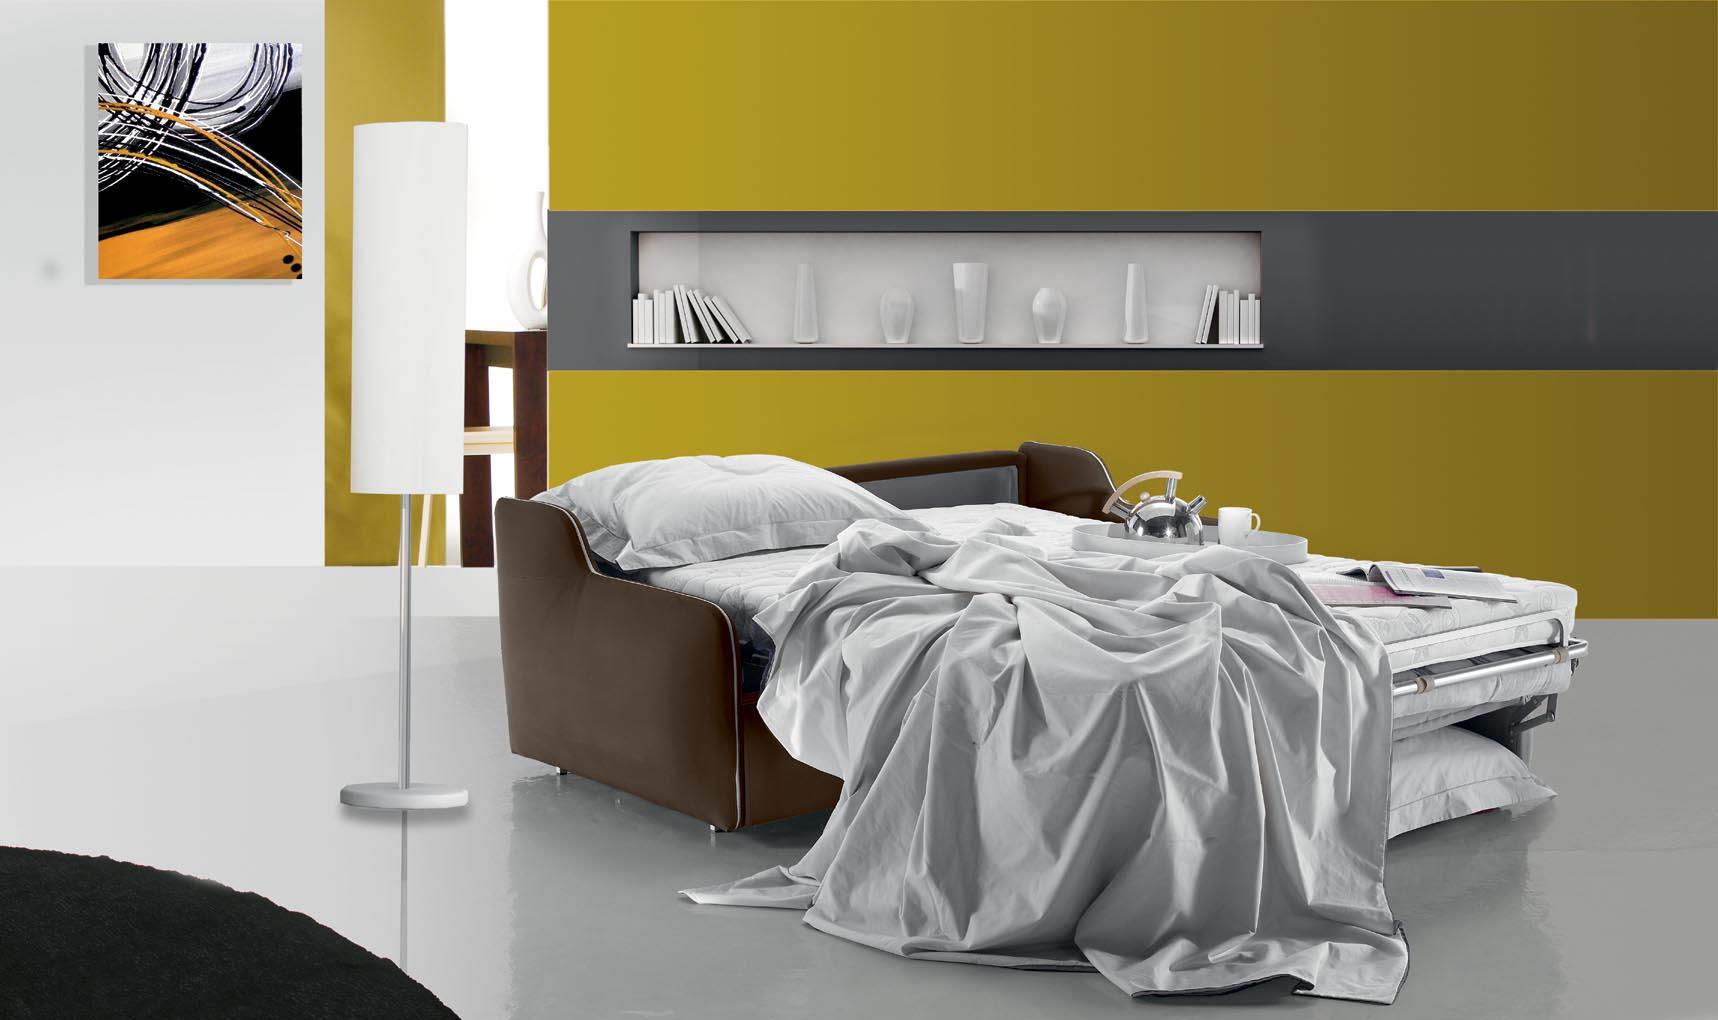 Miro נפתחת /סלון איטלקי עם מיטה